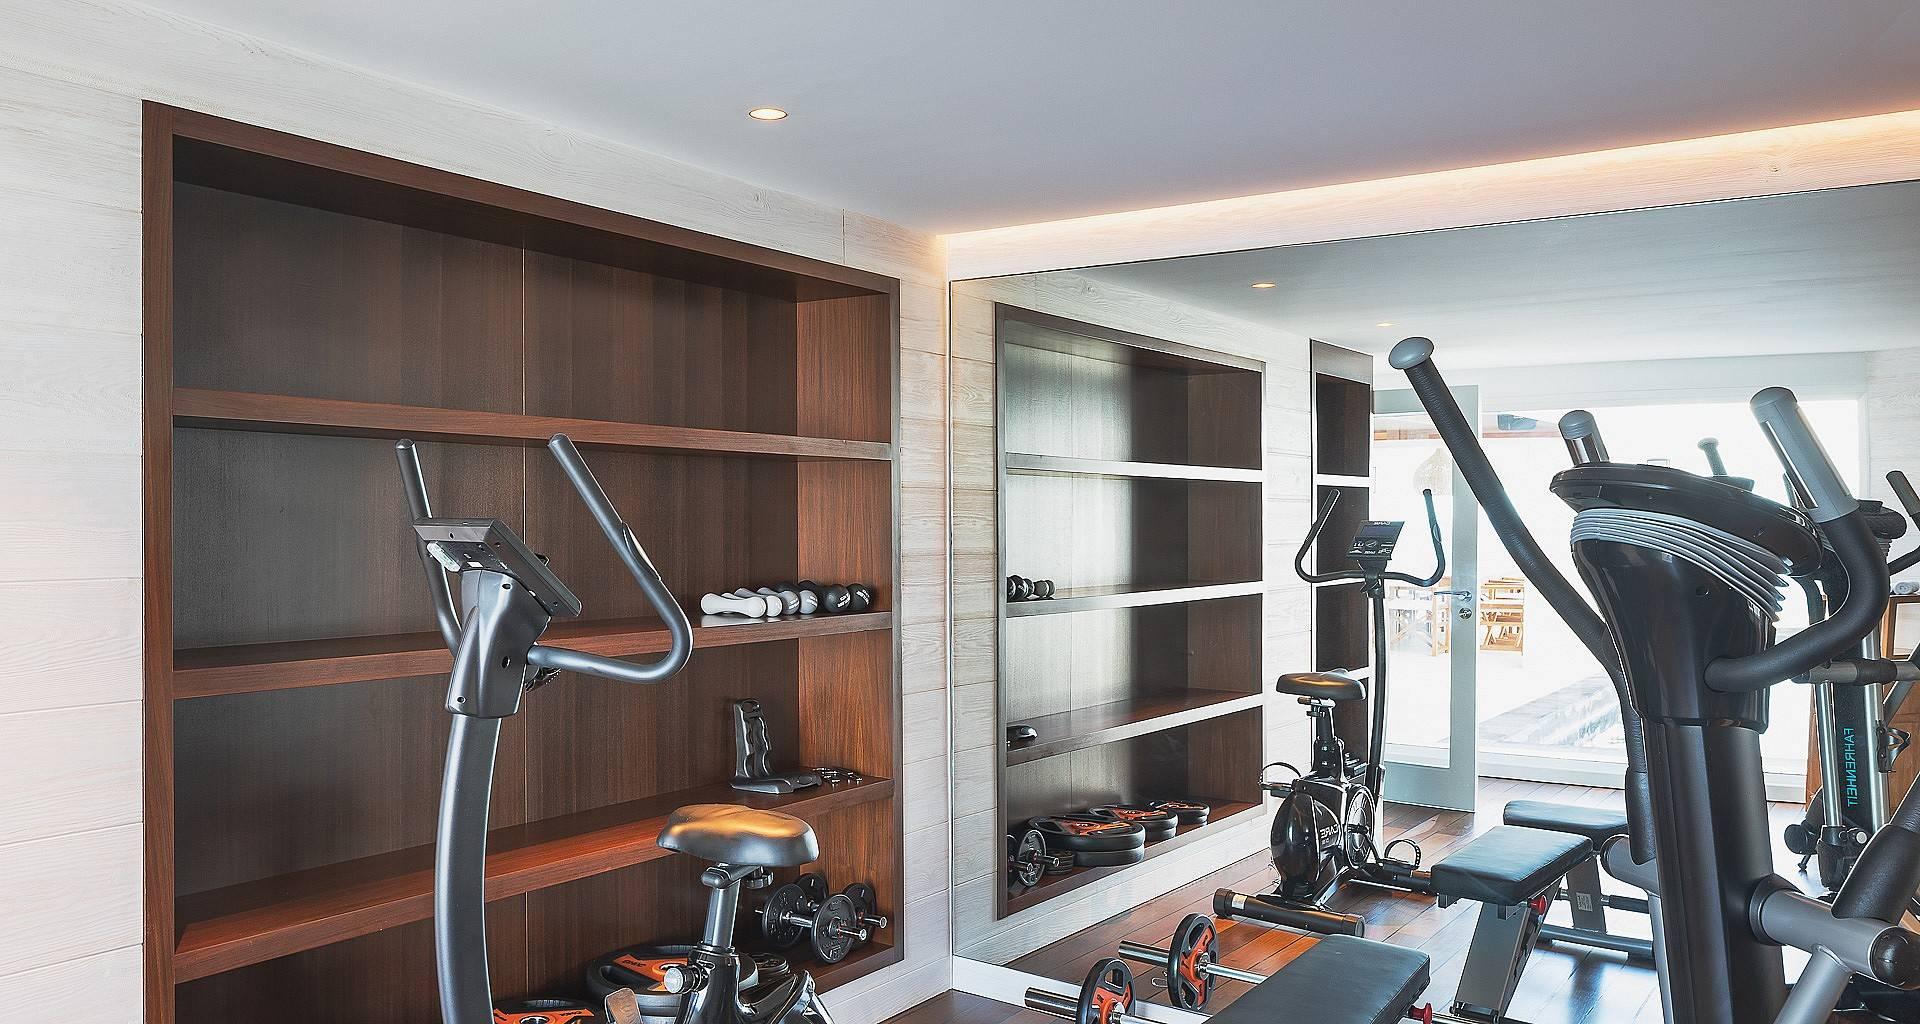 Villa Elle Fitness Room